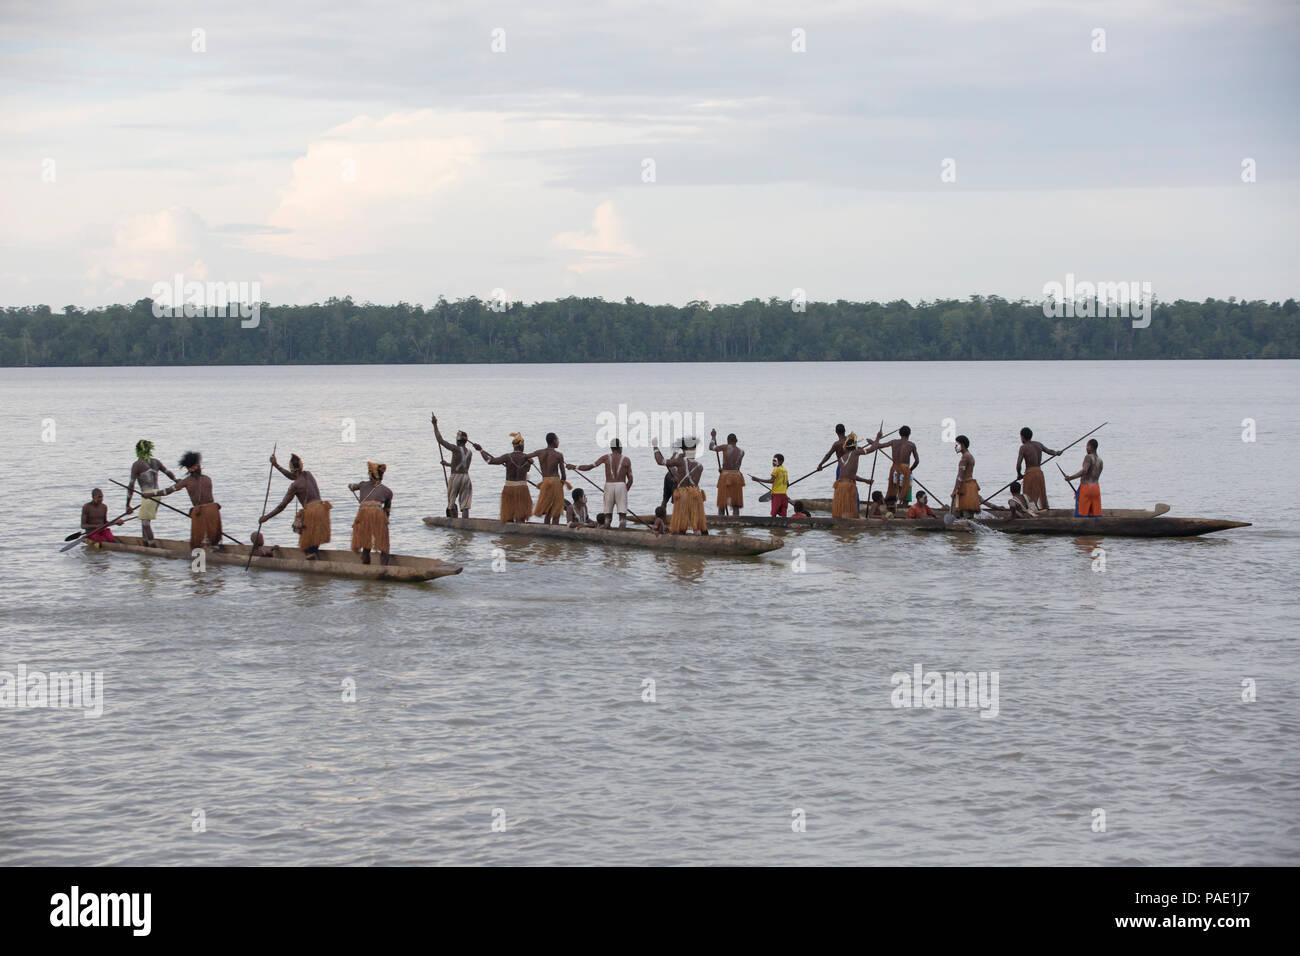 Canoe demonstration, West Papua - Stock Image